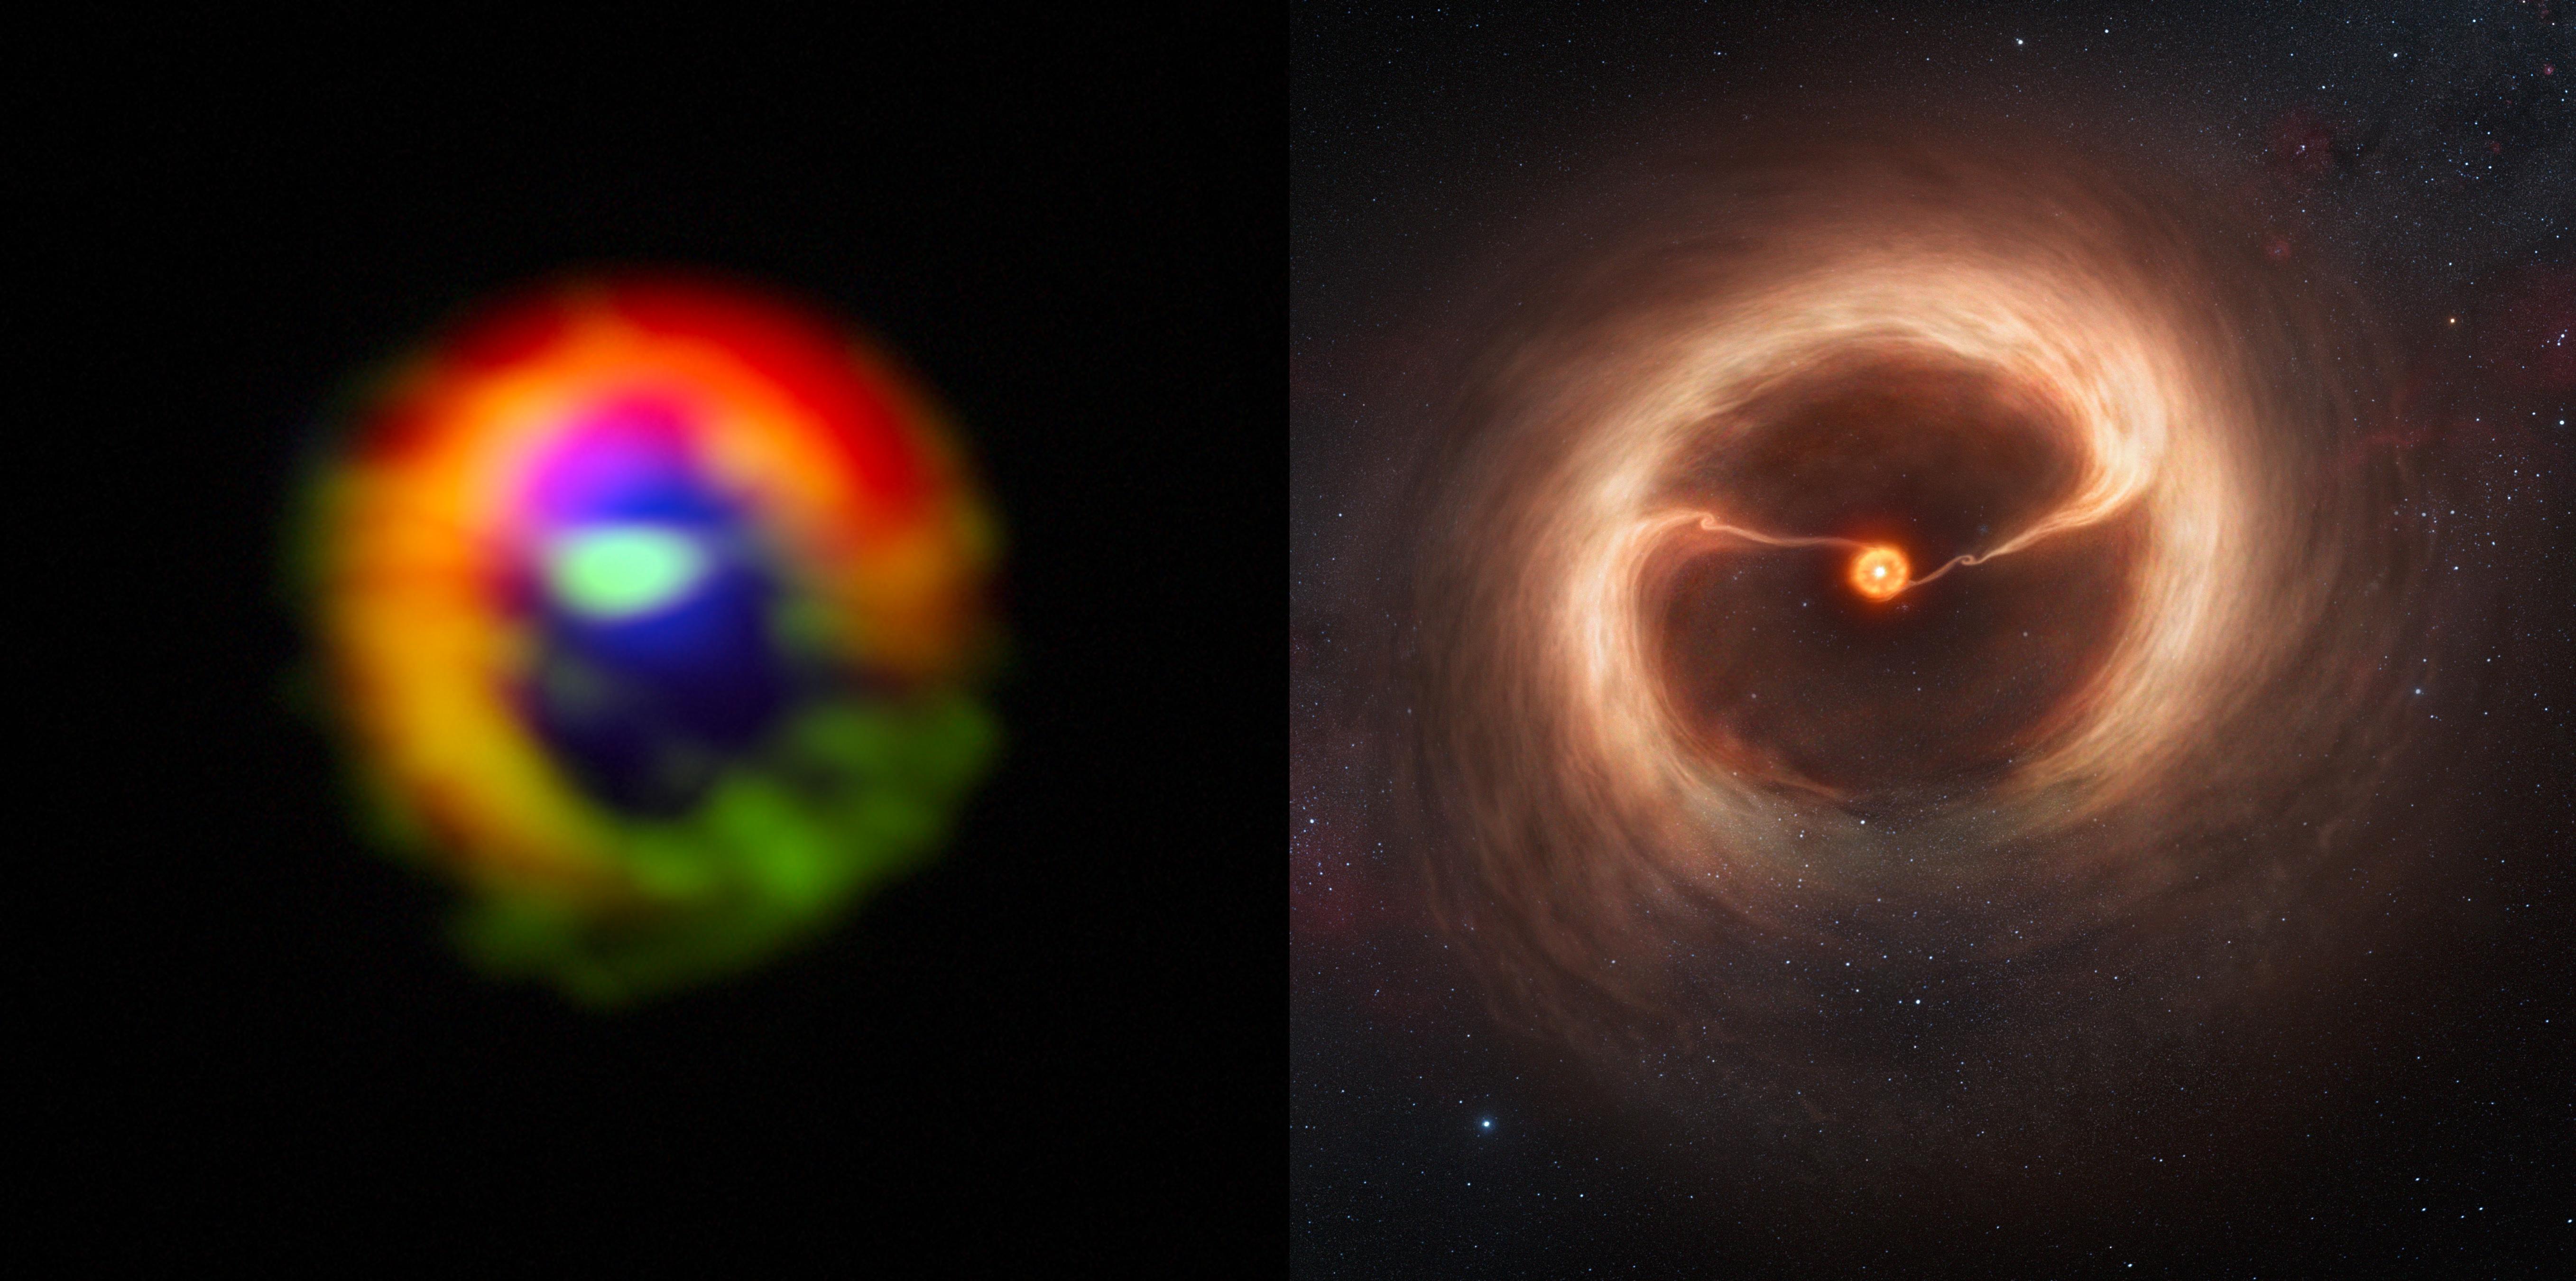 HD142527のアルマ望遠鏡観測画像とイメージ図の比較